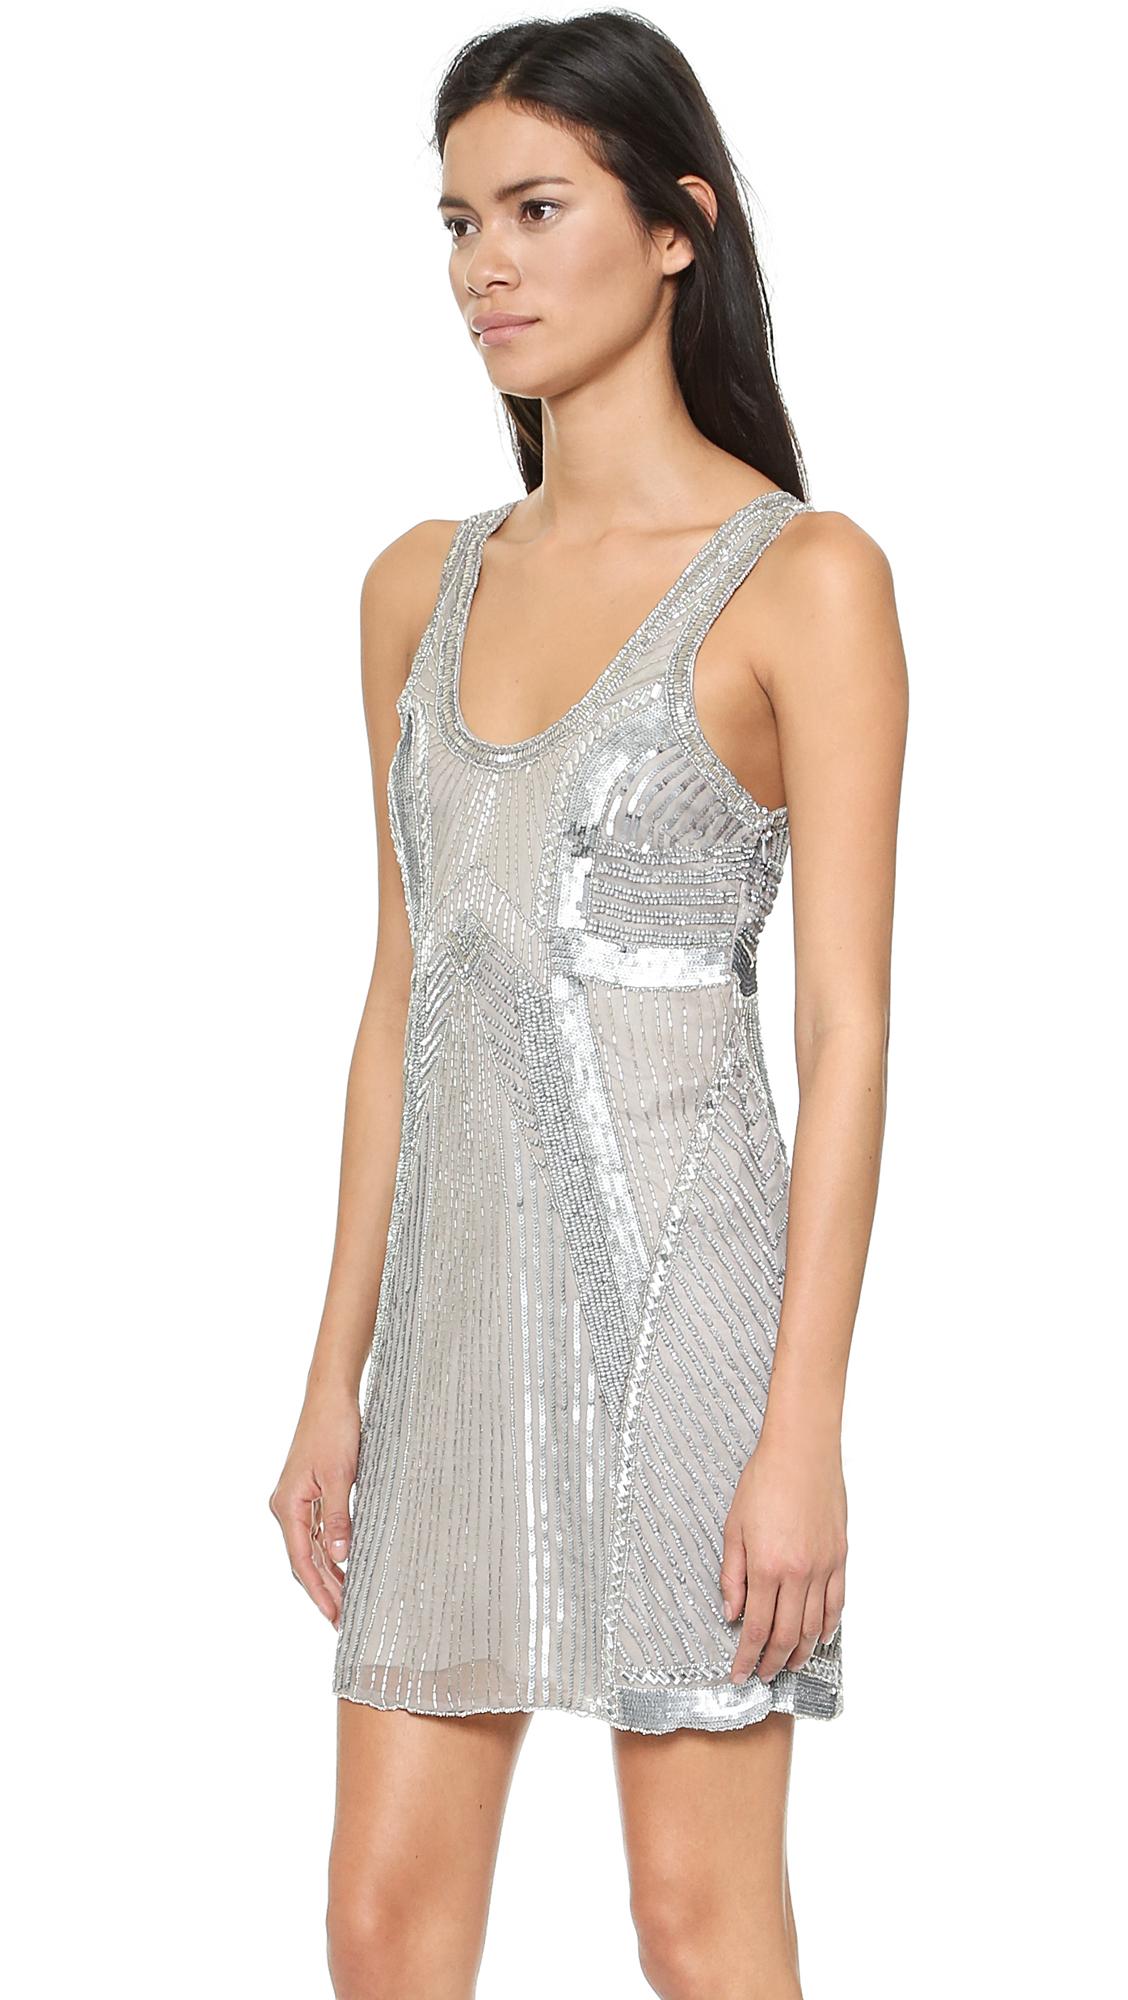 Parker comoros dress